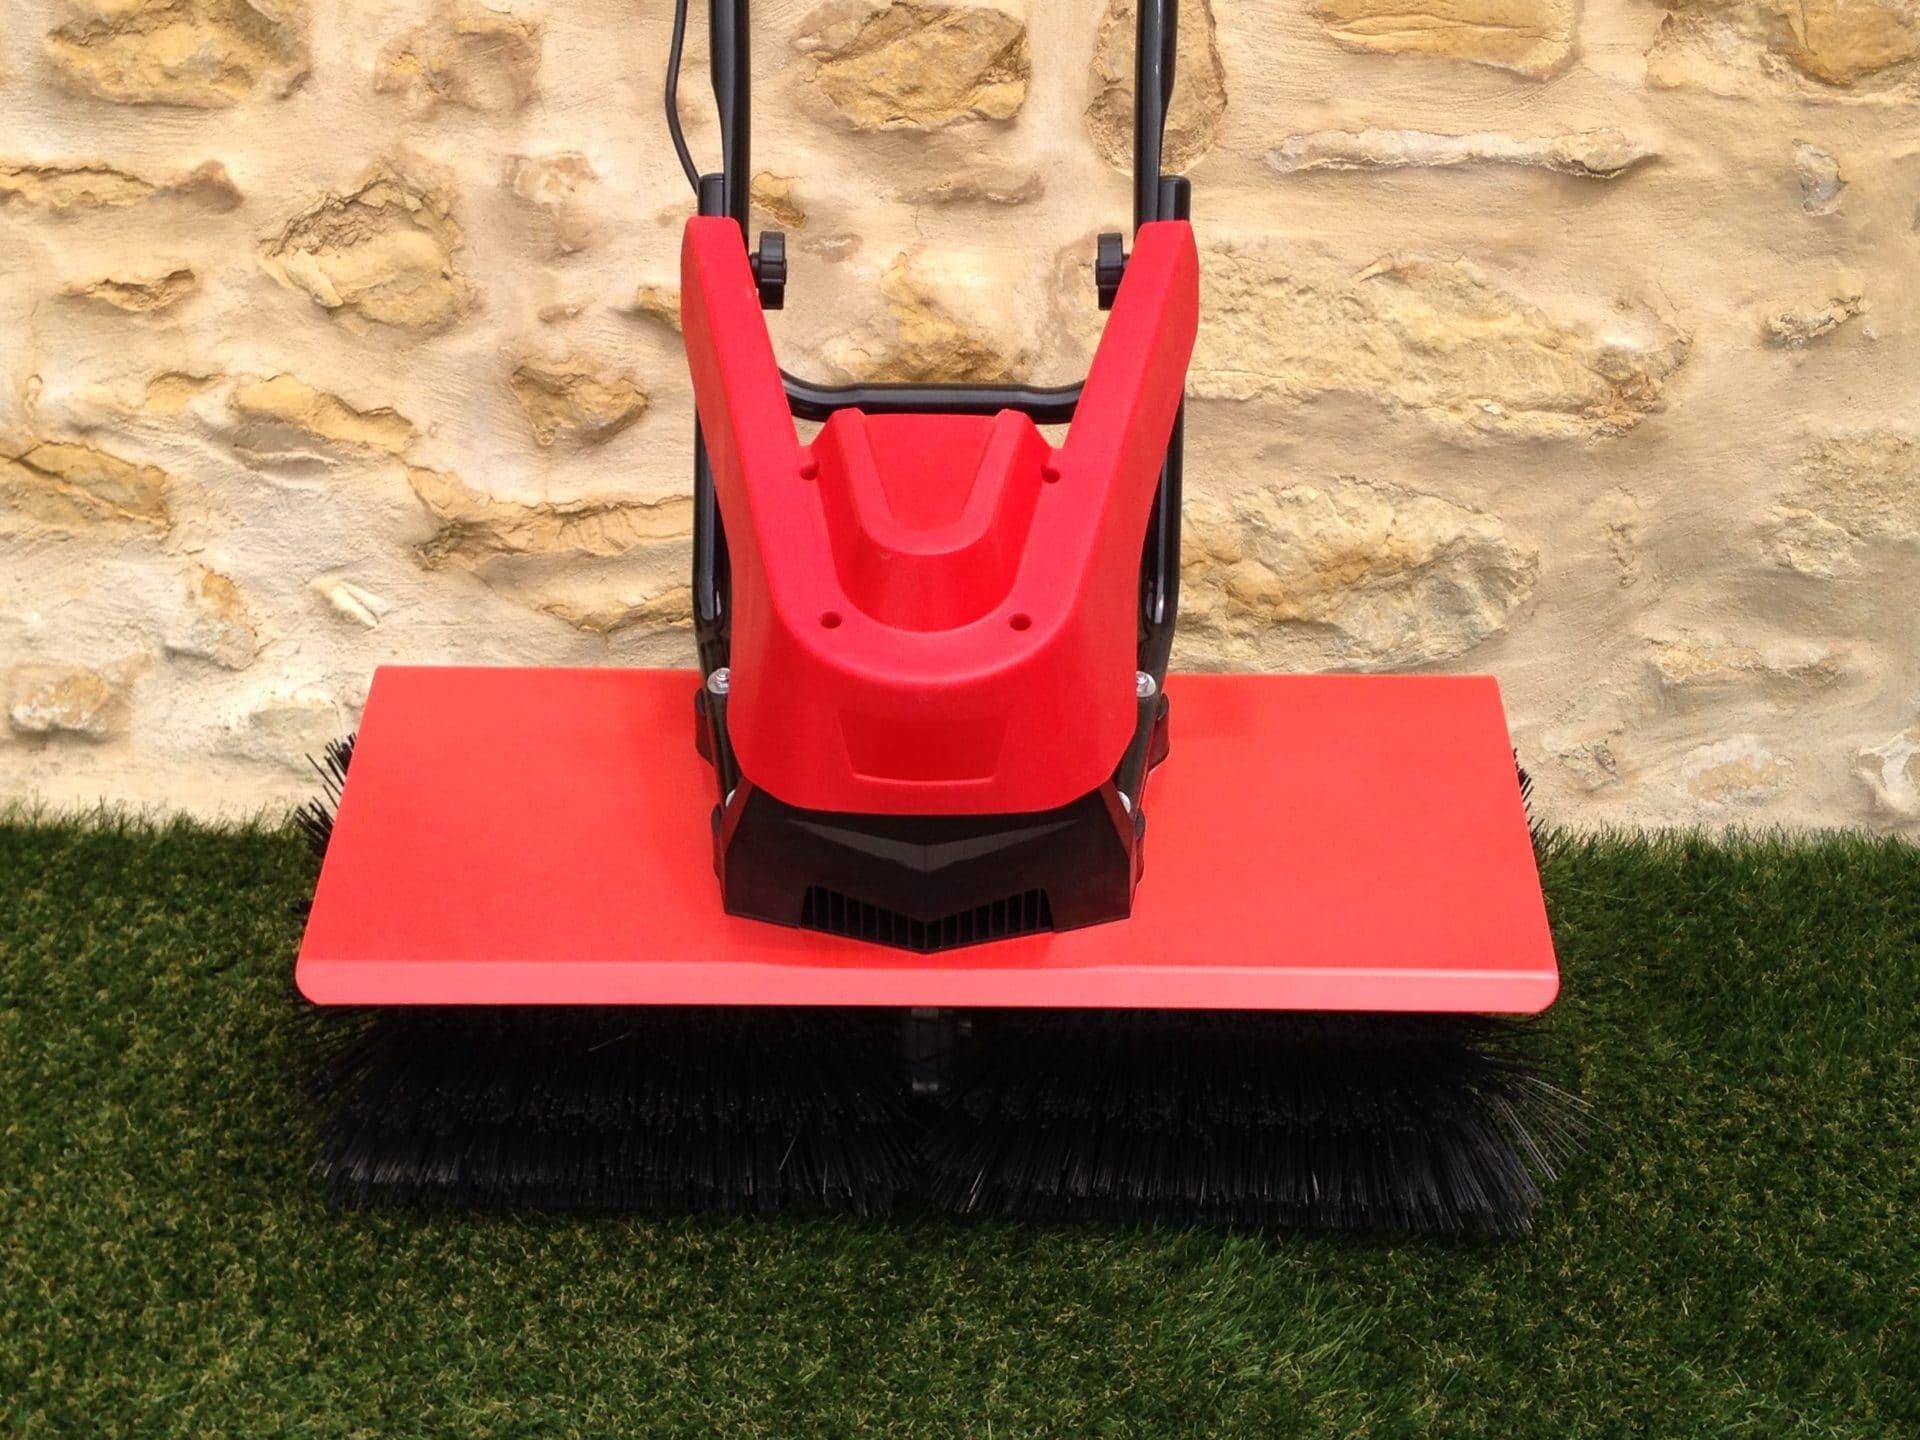 balai brosse pour pelouse synthétique